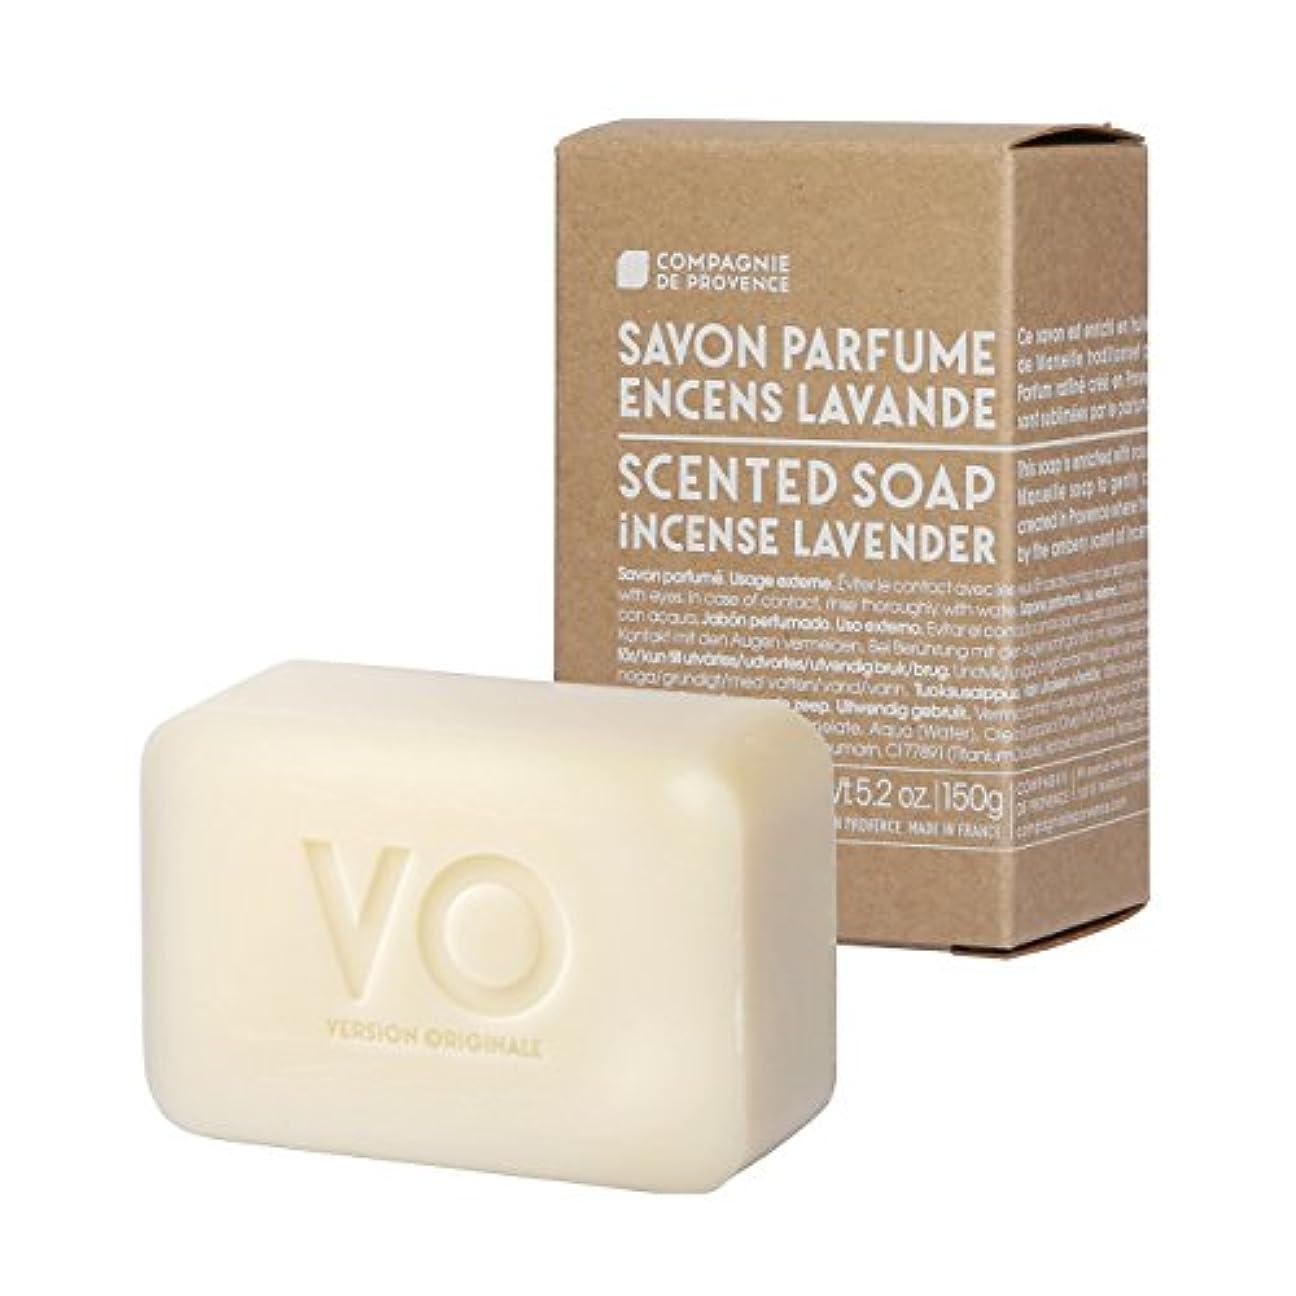 版いとこつばカンパニードプロバンス バージョンオリジナル センティッドソープ インセンスラベンダー(ラベンダーとお香の香り) 150g